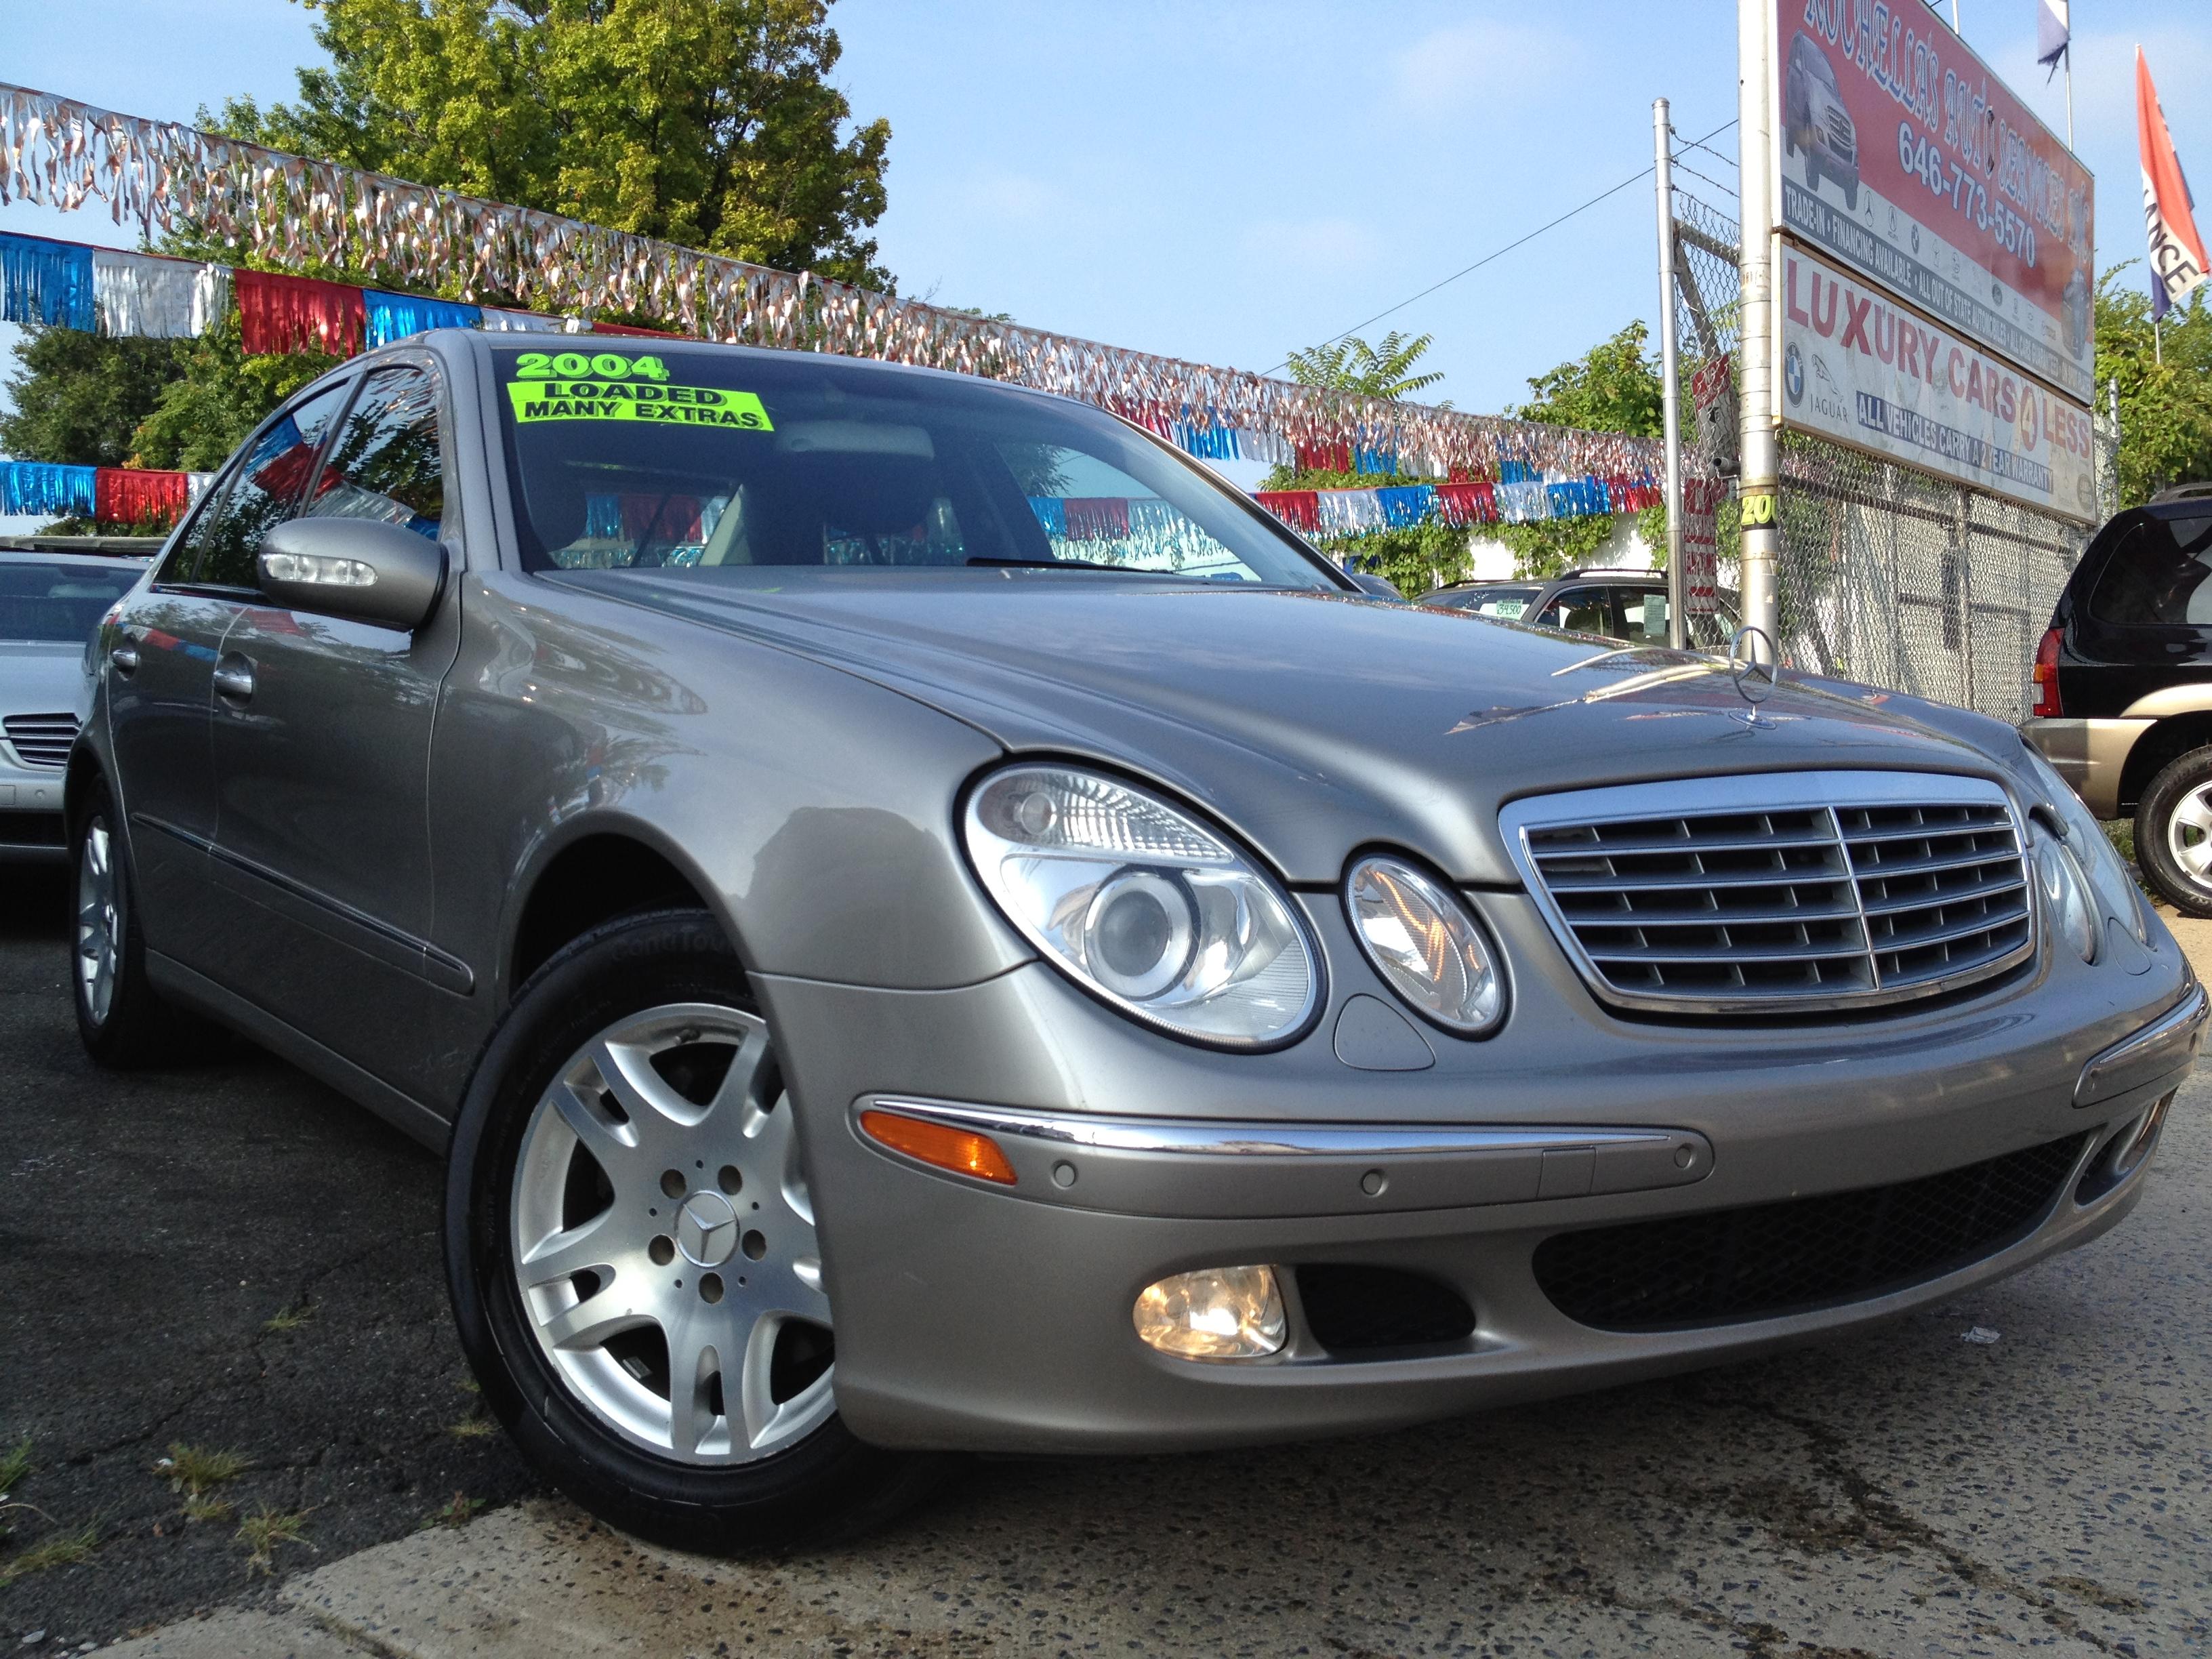 Rochella S Auto Services Inc Staten Island Ny